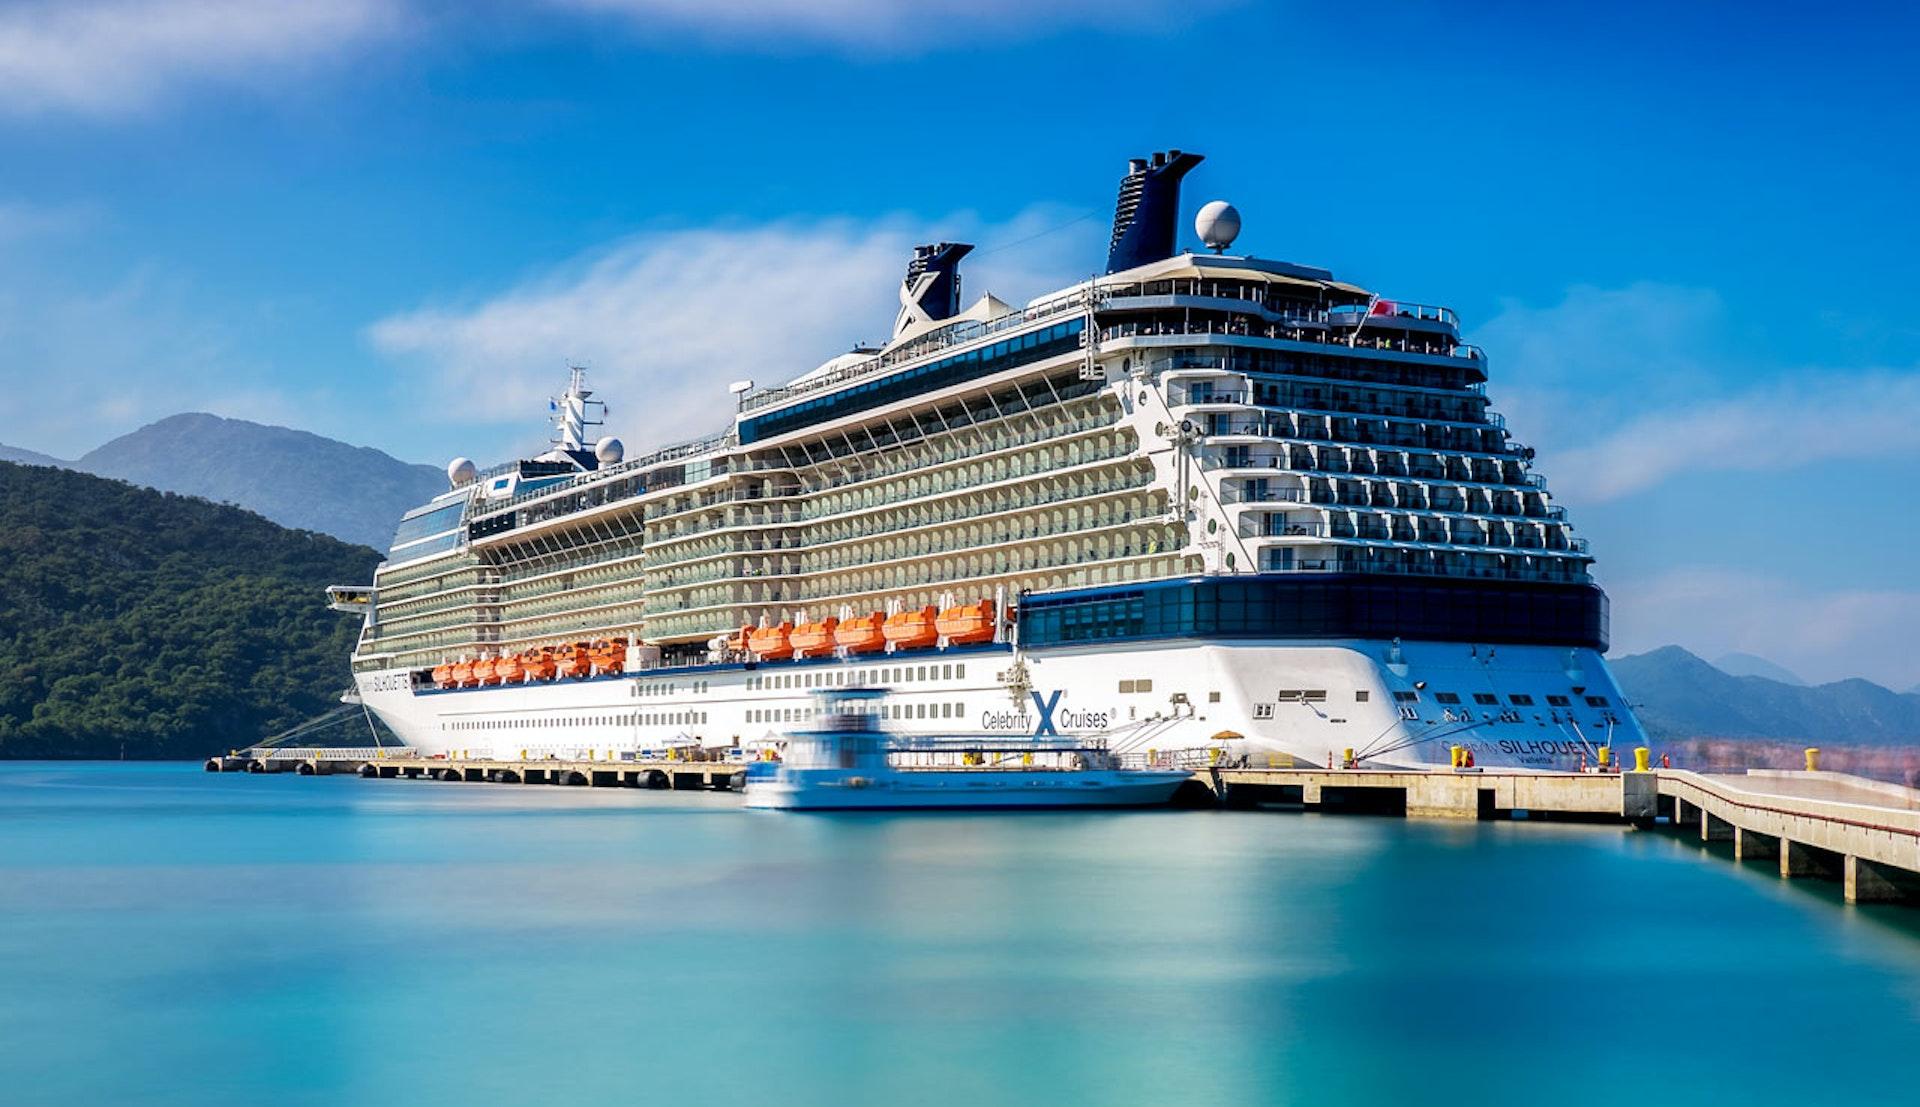 Kryssning i Karibien med Celebrity Silhouette